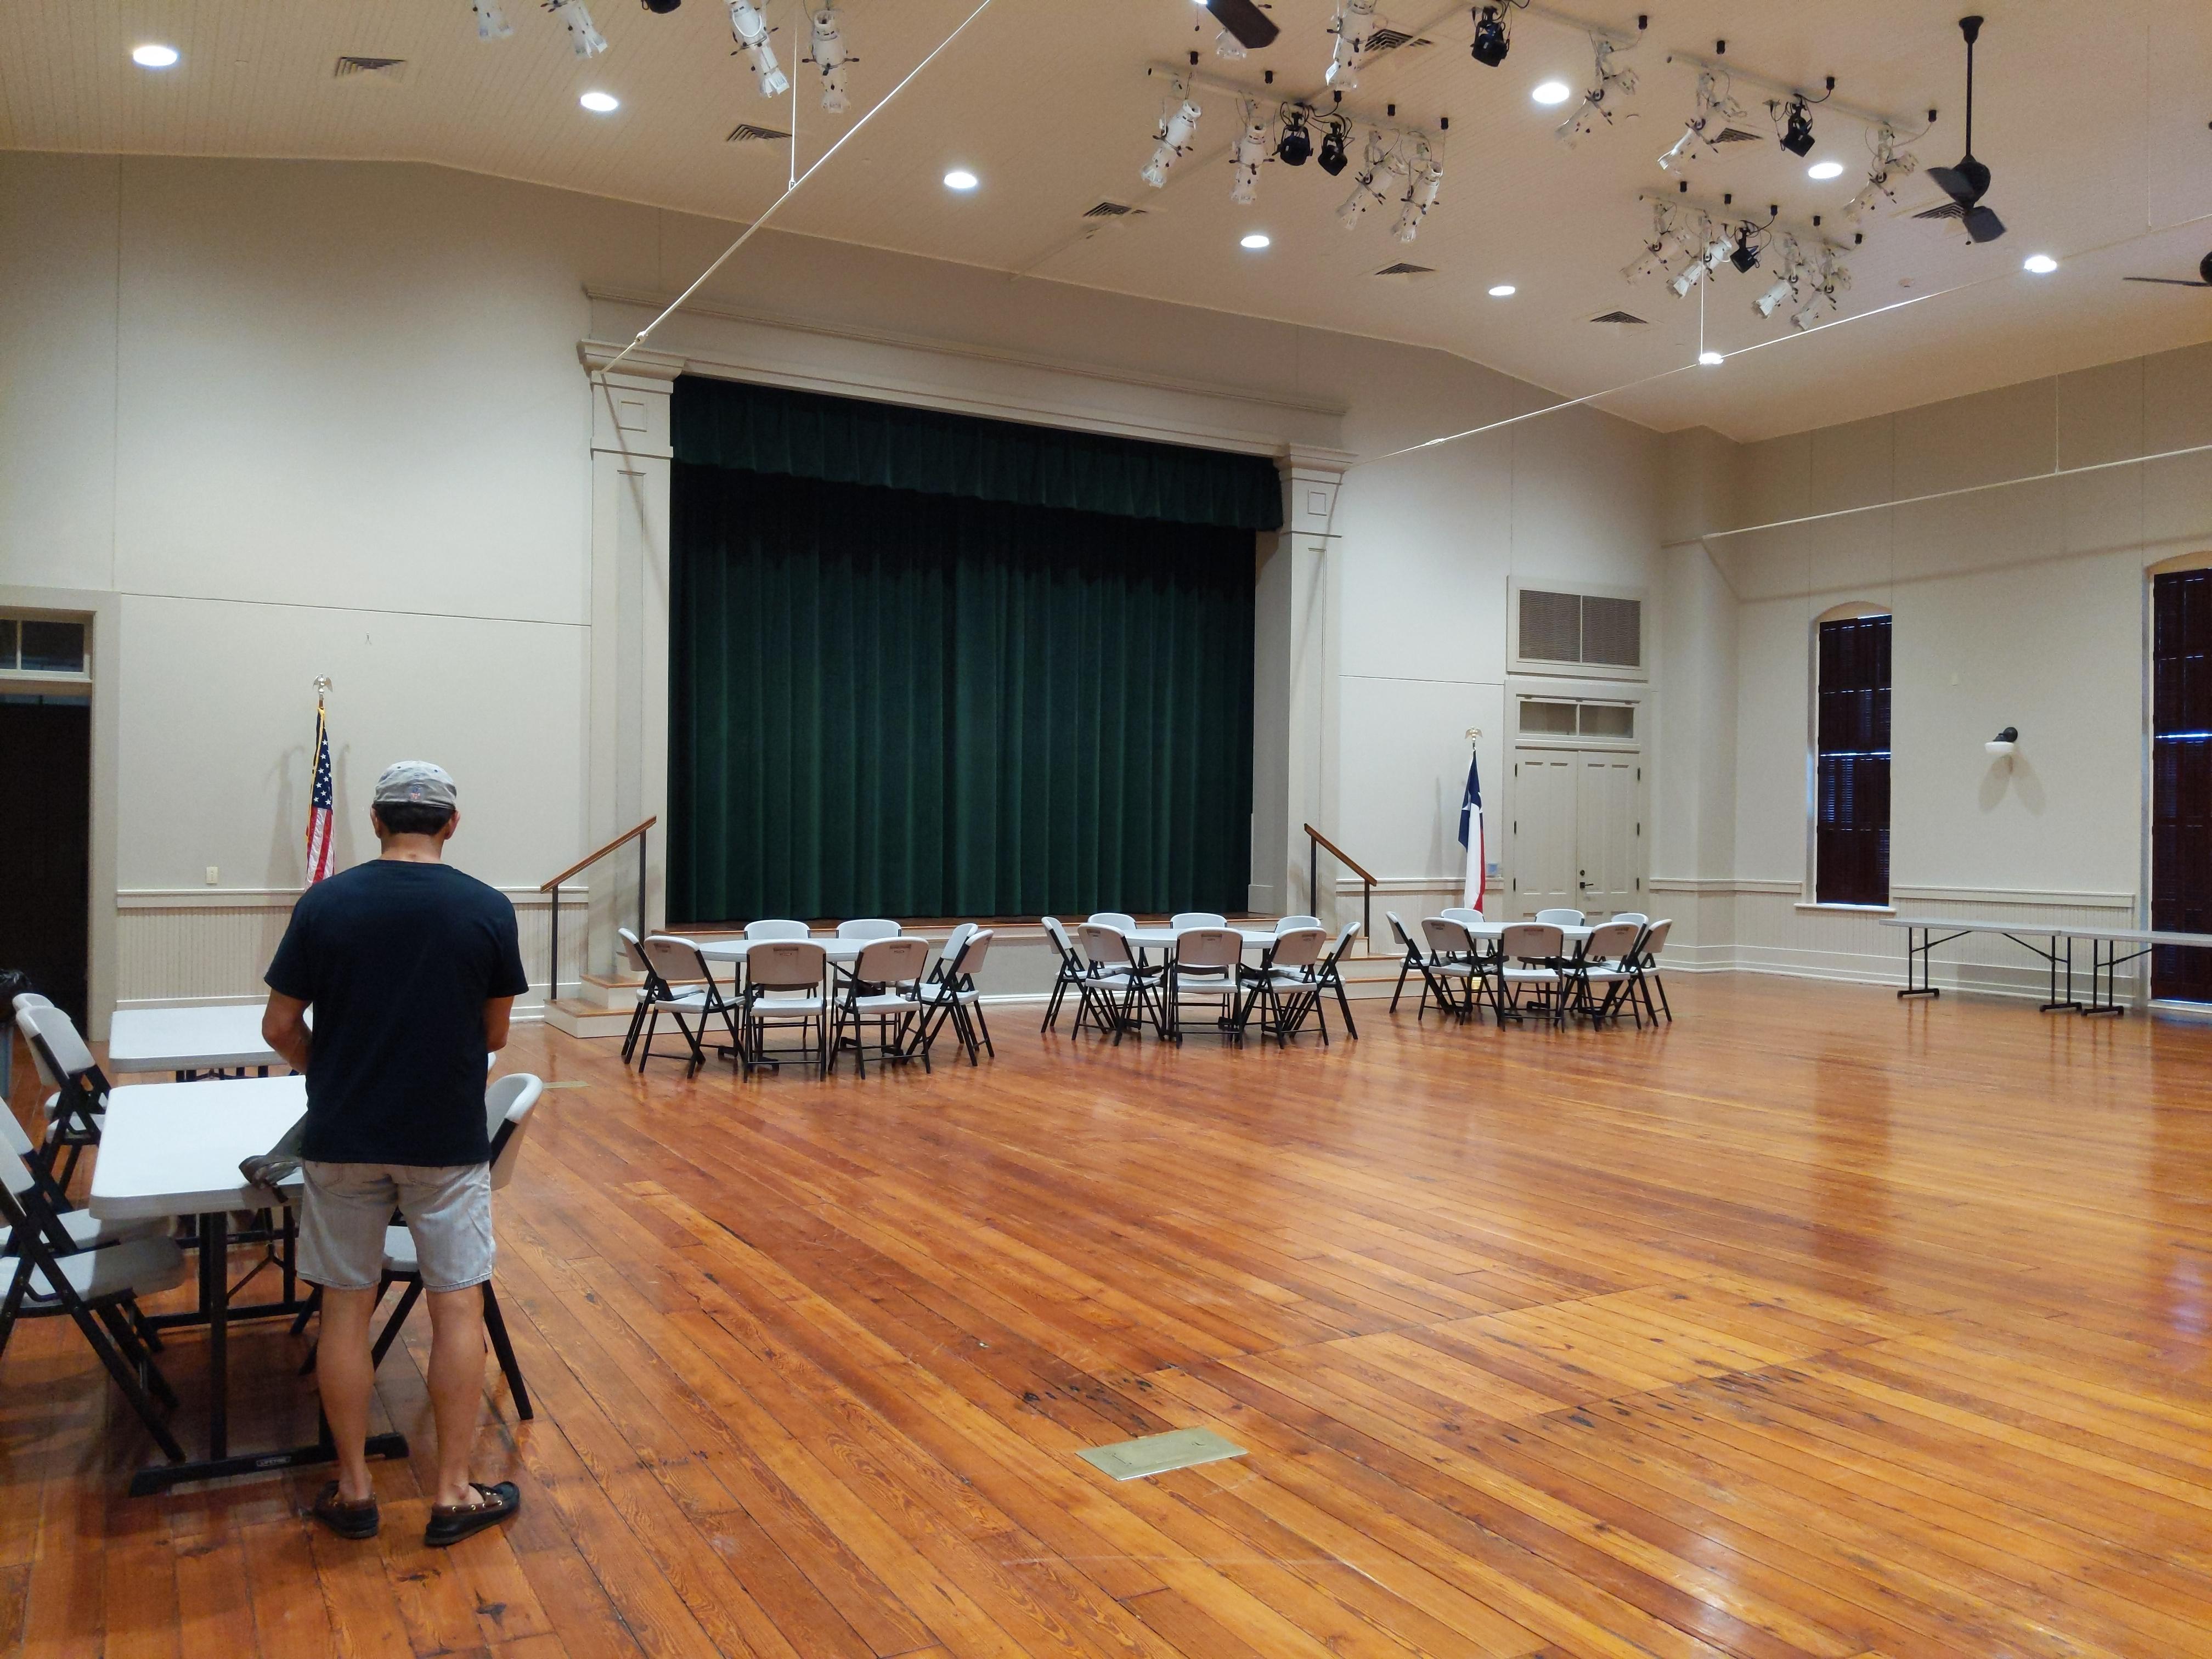 Dance floor and stage with original wood floor